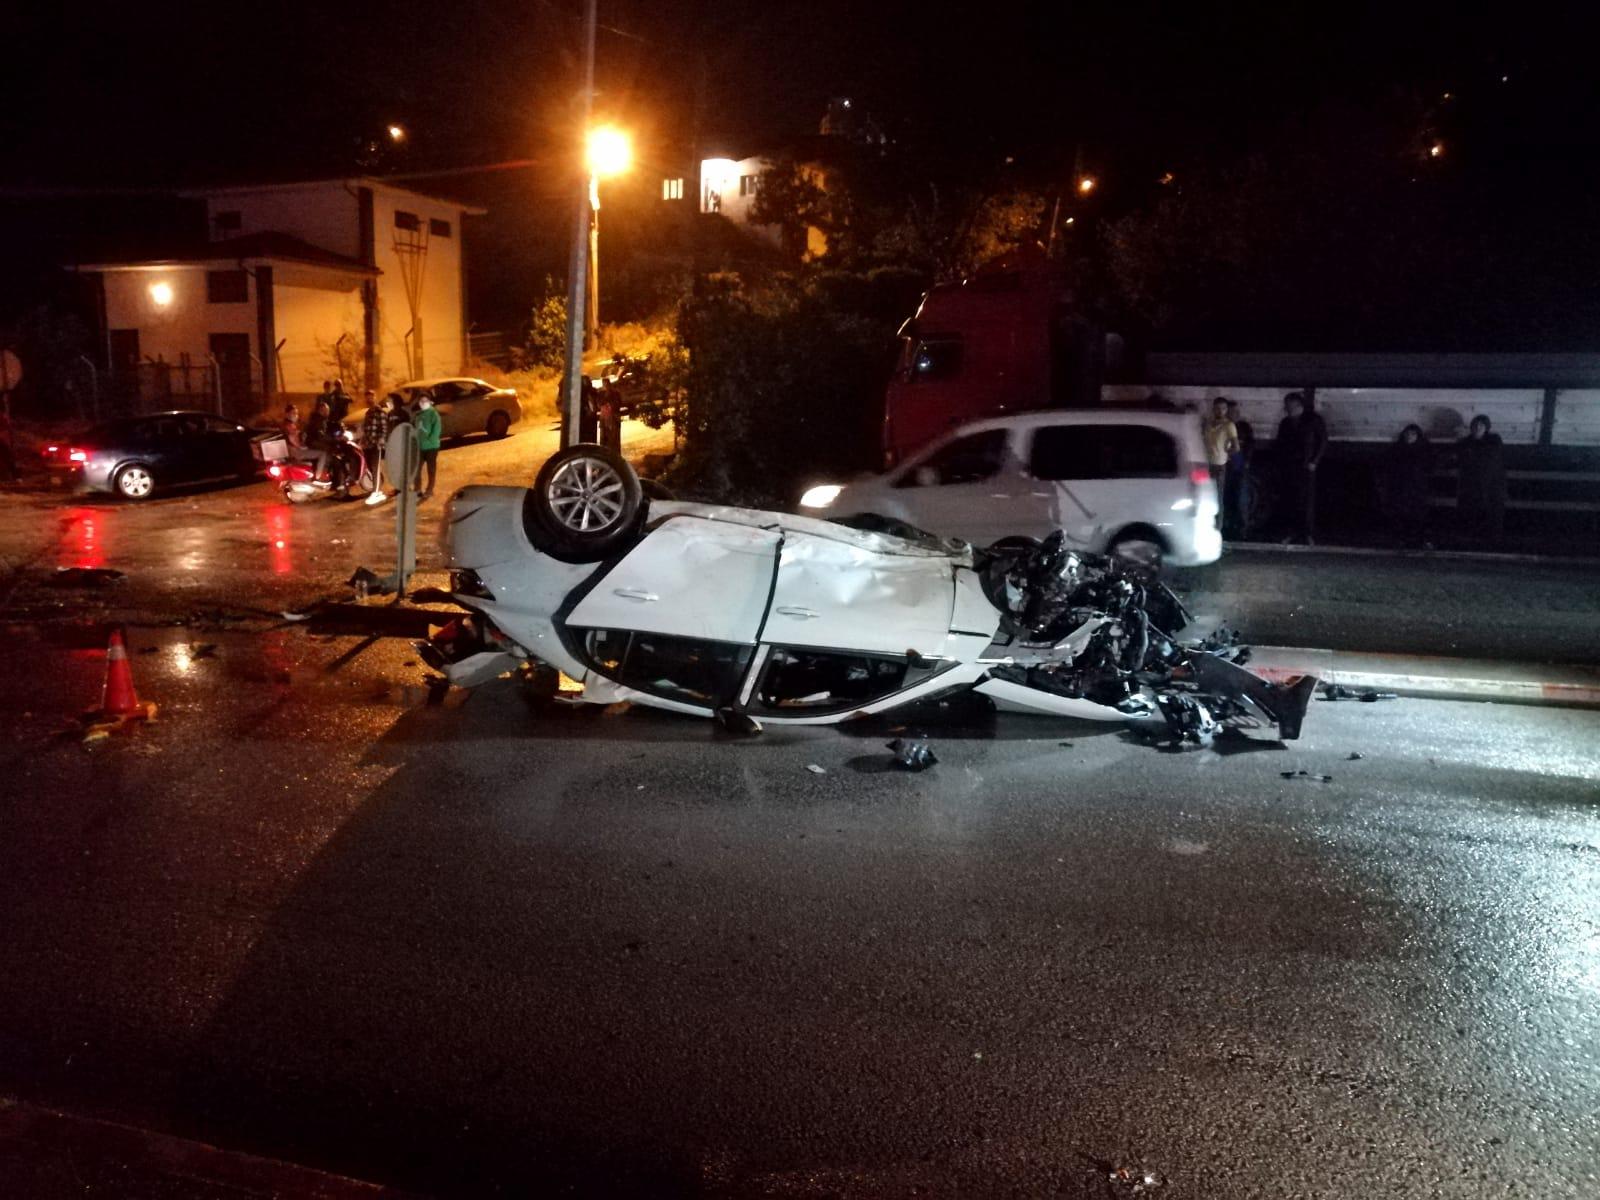 Aydınlatma direğine çarpan otomobil takla attı: 4 yaralı